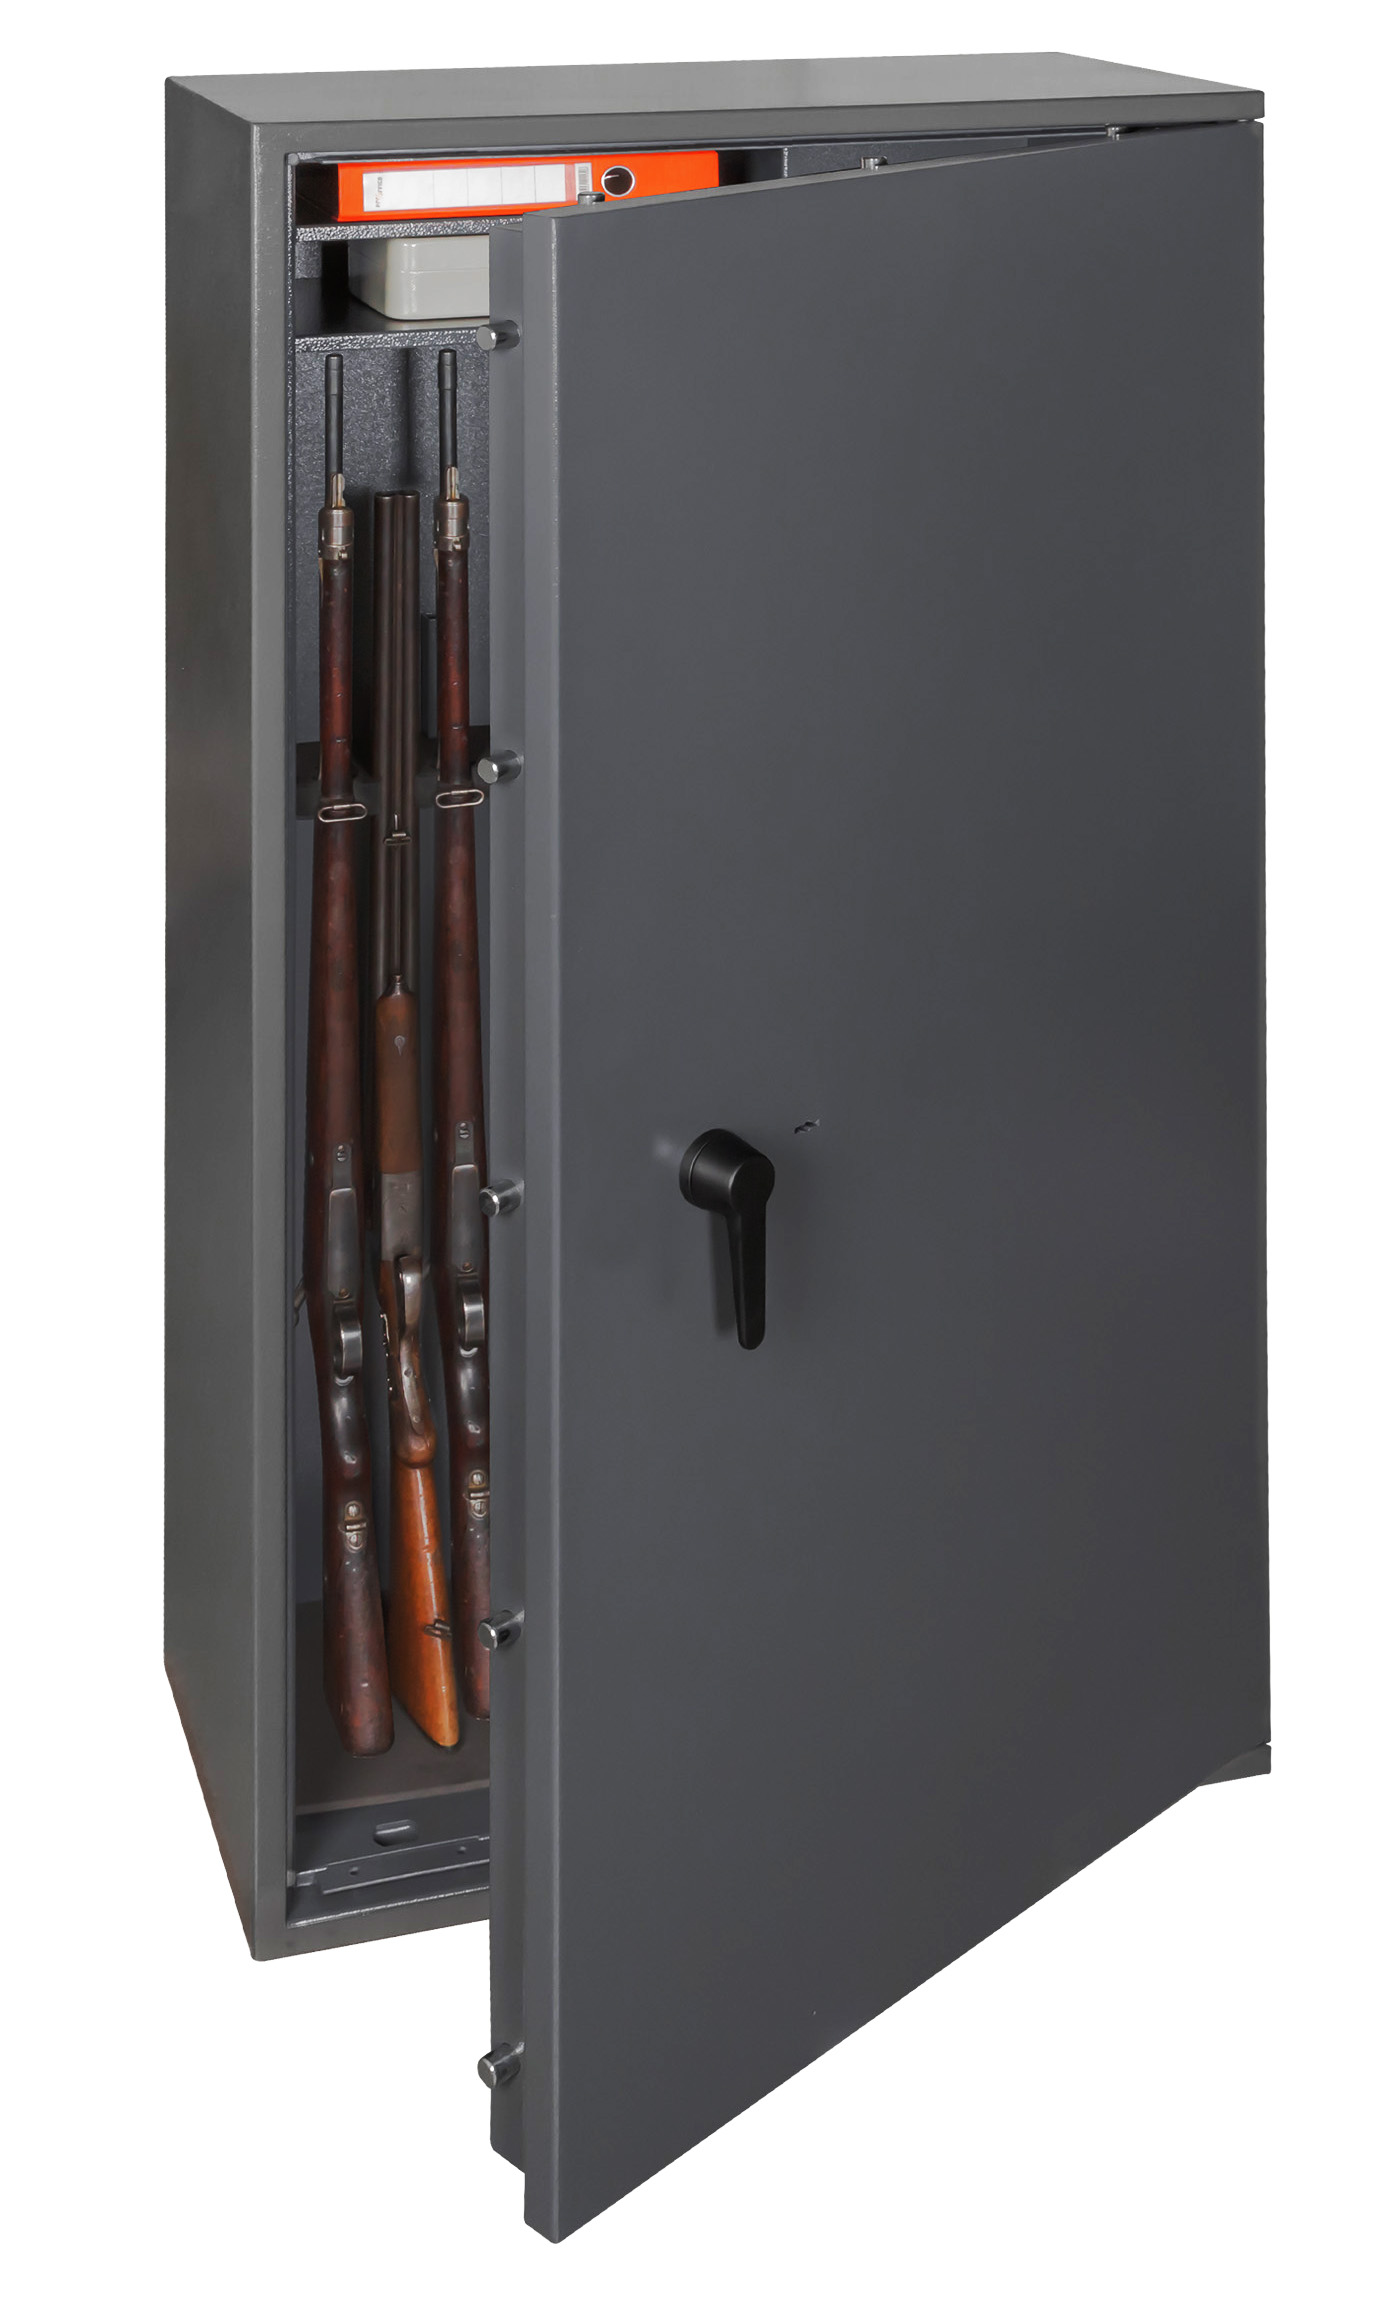 Waffenschrank Grad 0 EN 1143-1 Gun Safe 1-8 Kombi mit Regalteil